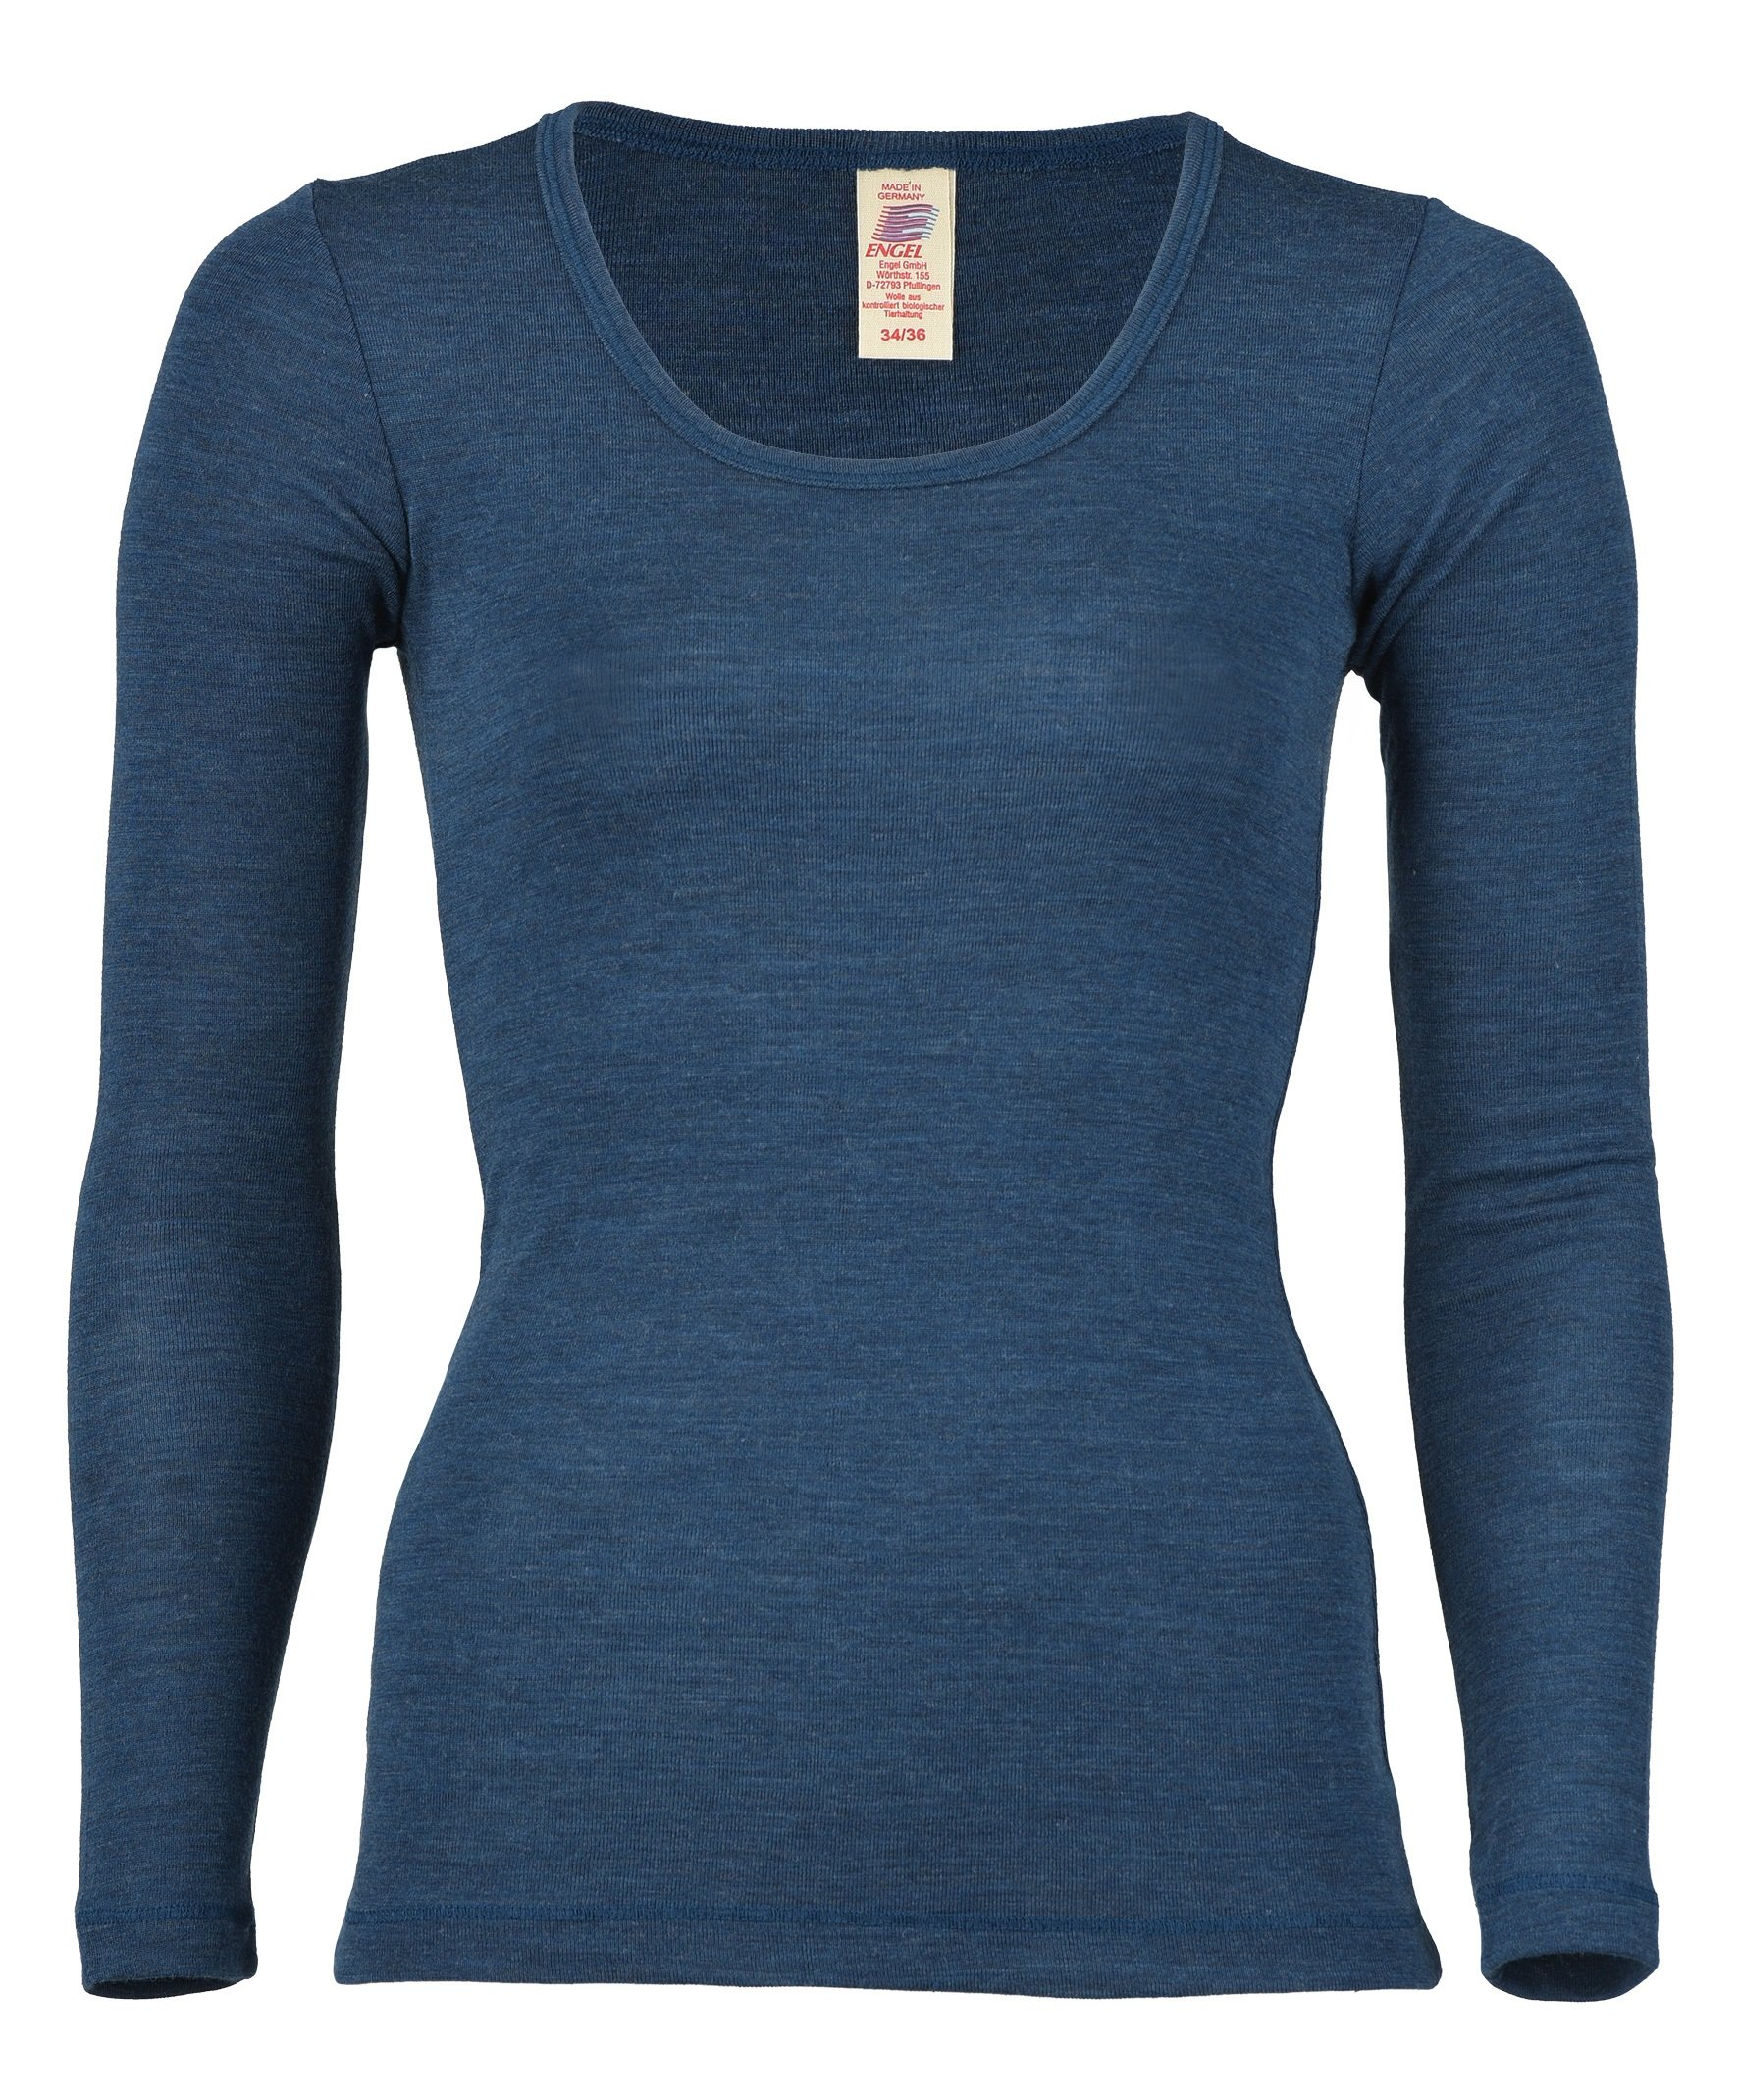 Engel 100% Merino Wool Women's T-Shirt Long Sleeved. Made in Germany. (EU 46/48 (XL), Sapphire) by Engel